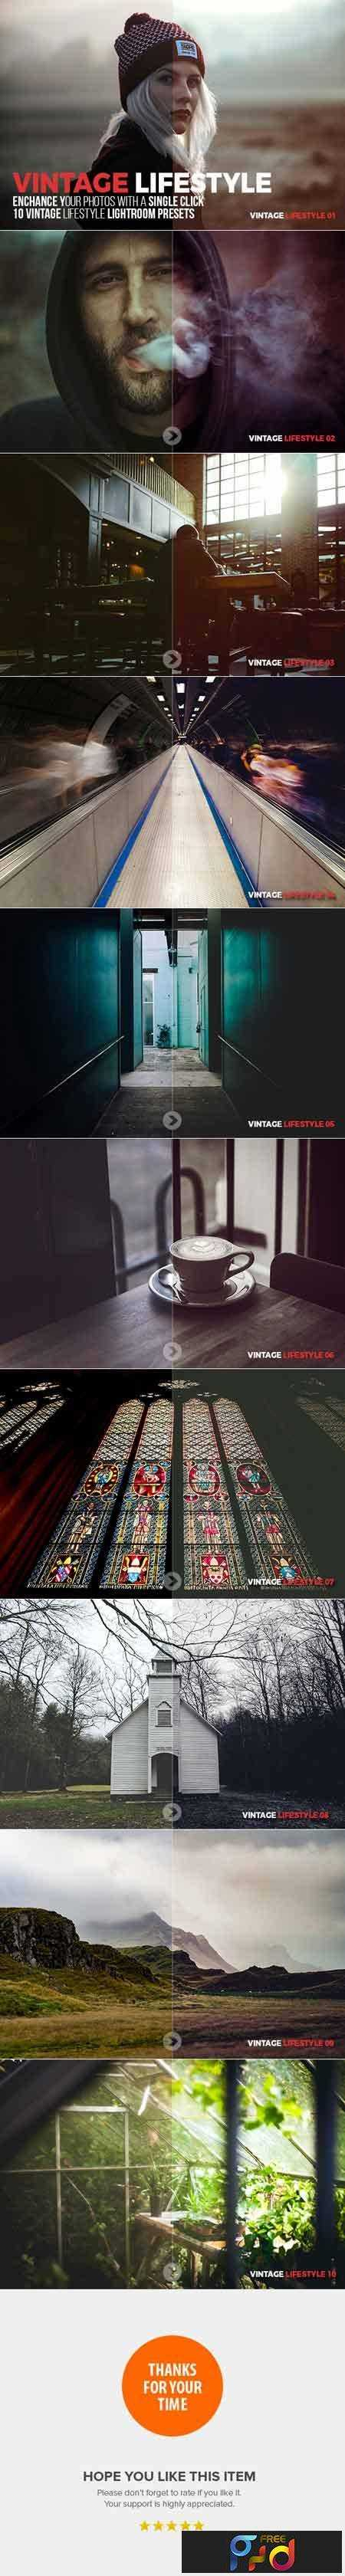 FreePsdVn.com_1706026_LIGHTROOM_10_vintage_lifestyle_lightroom_presets_20599254